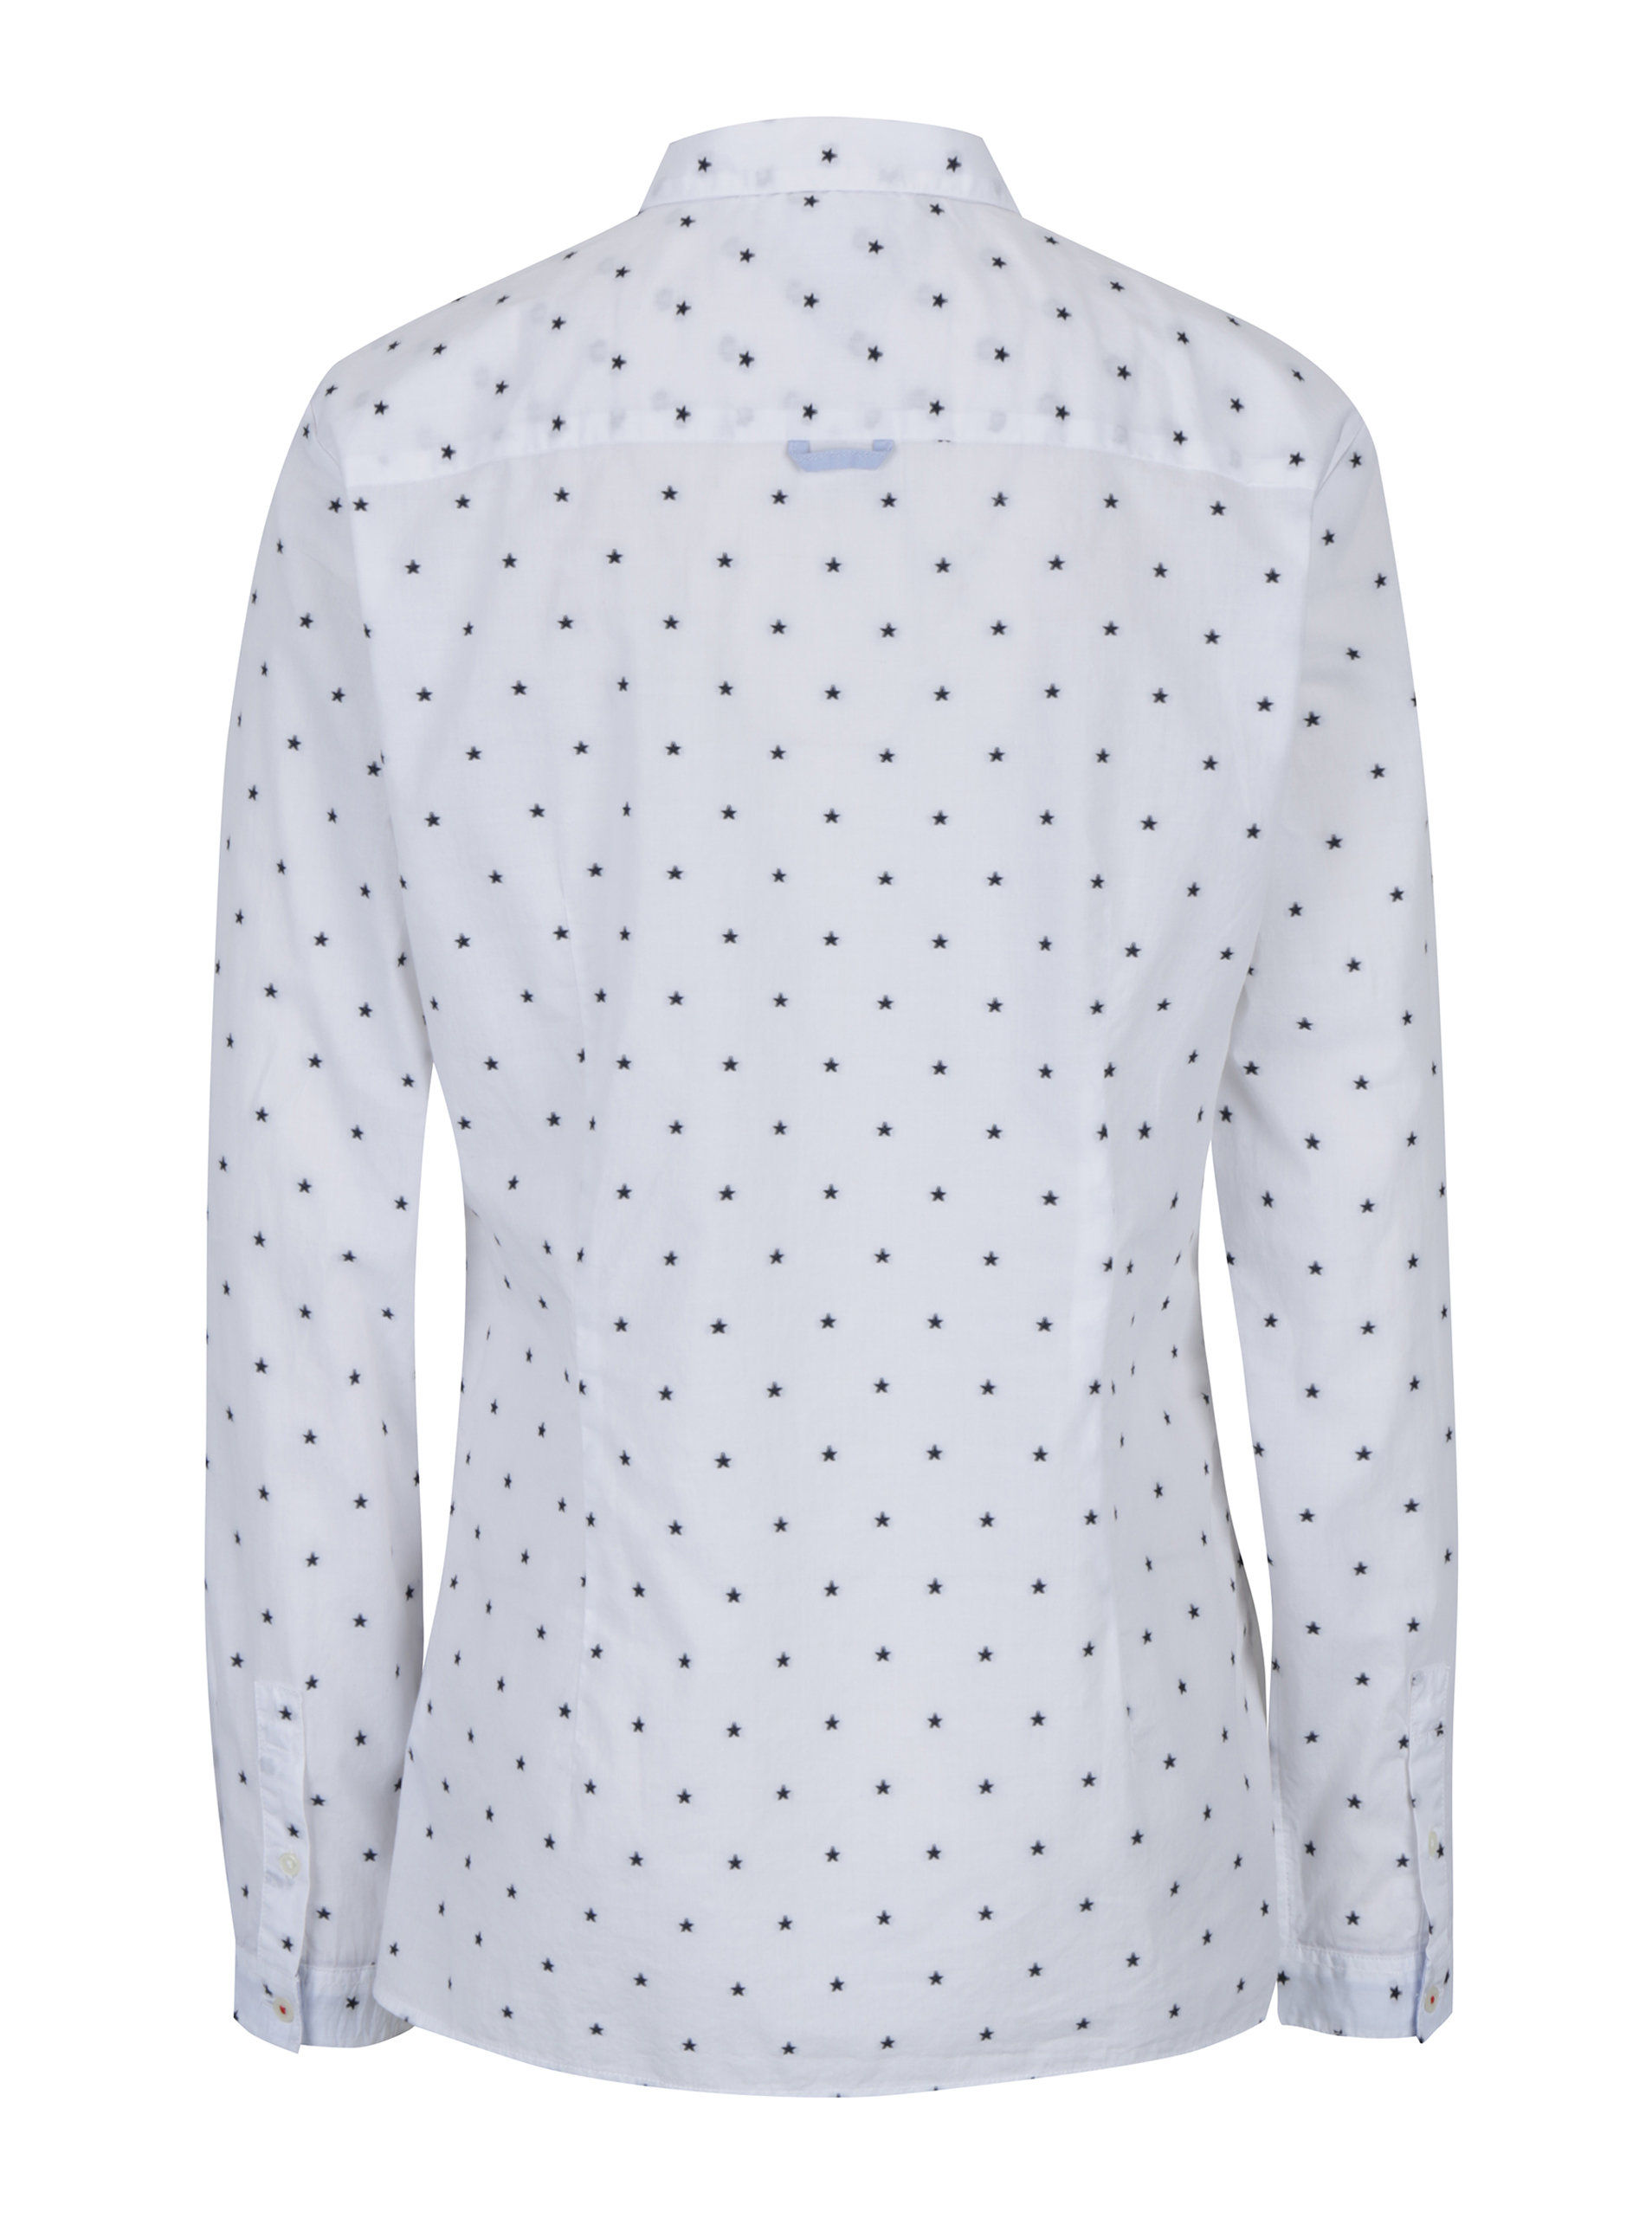 37dcddd7d08 Bílá dámská vzorovaná fitted fit košile Tommy Hilfiger ...